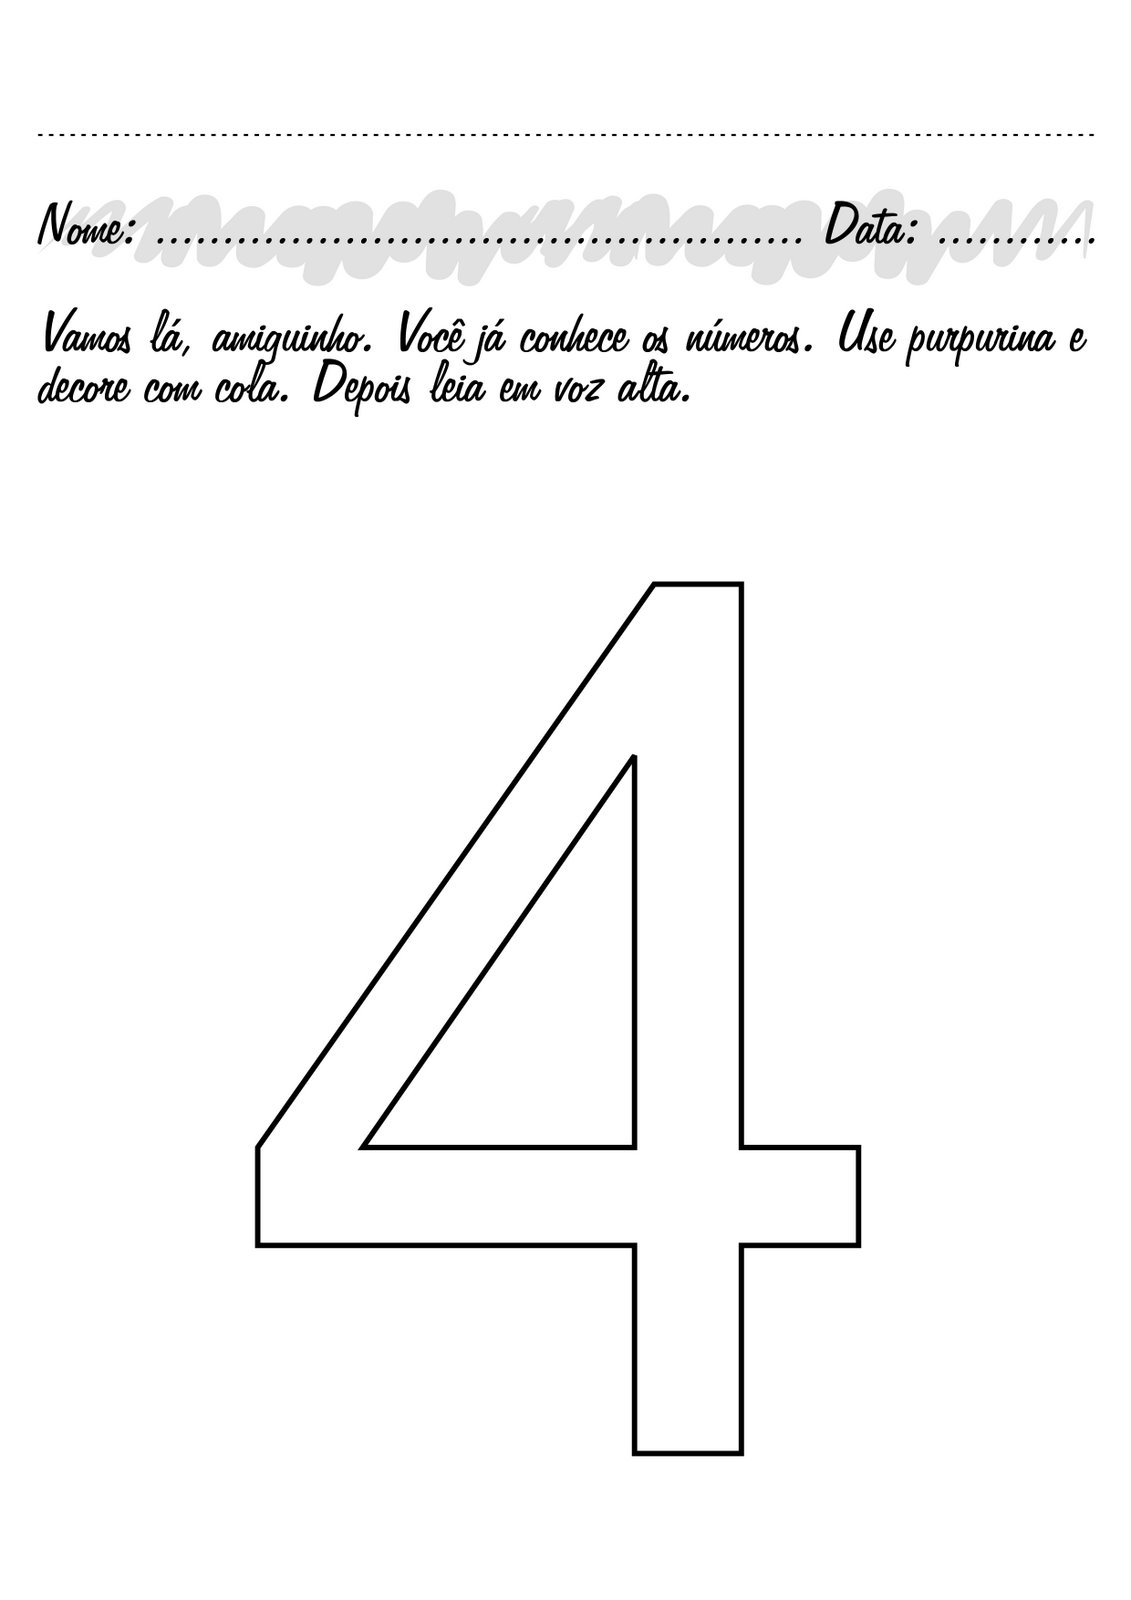 13/4/2020· 18 desenhos do número 2 para colorir e imprimir. ATIVIDADES COM NUMERO 4 PARA EDUCAÇÃO INFANTIL